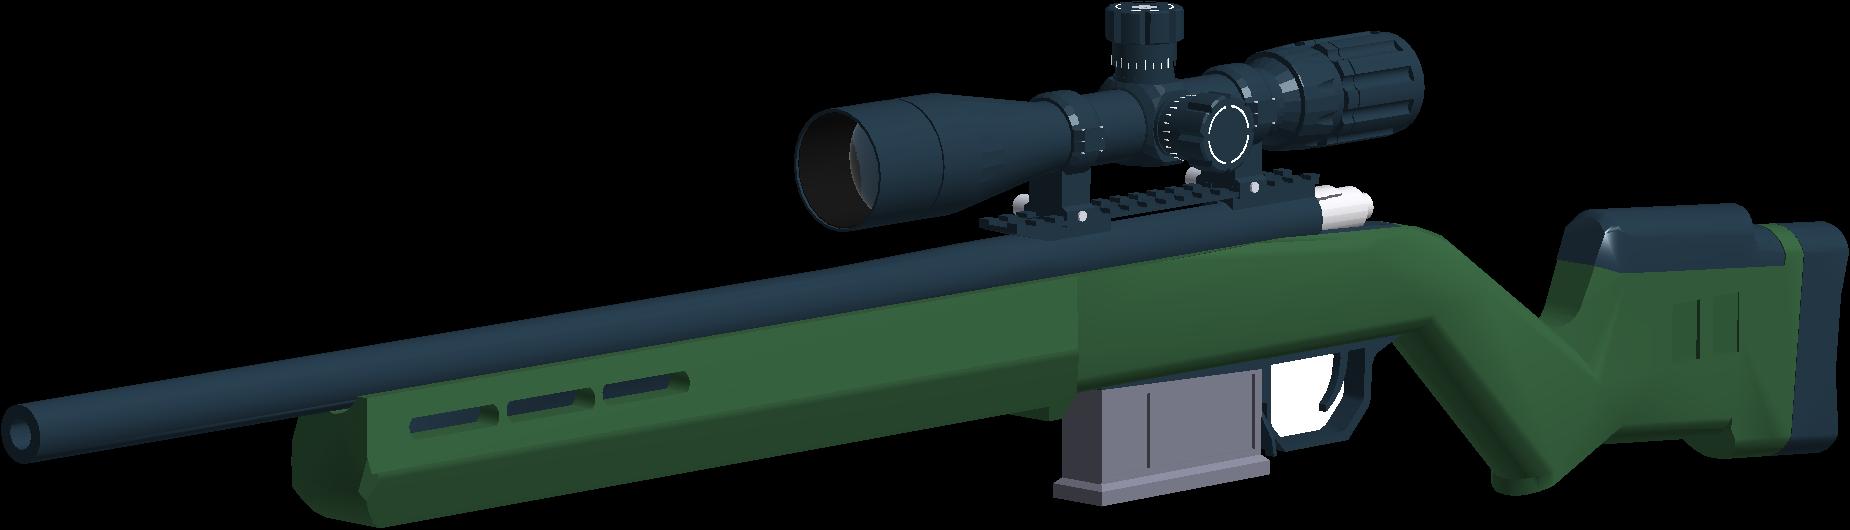 Remington 700 | Phantom Forces Wiki | FANDOM powered by Wikia